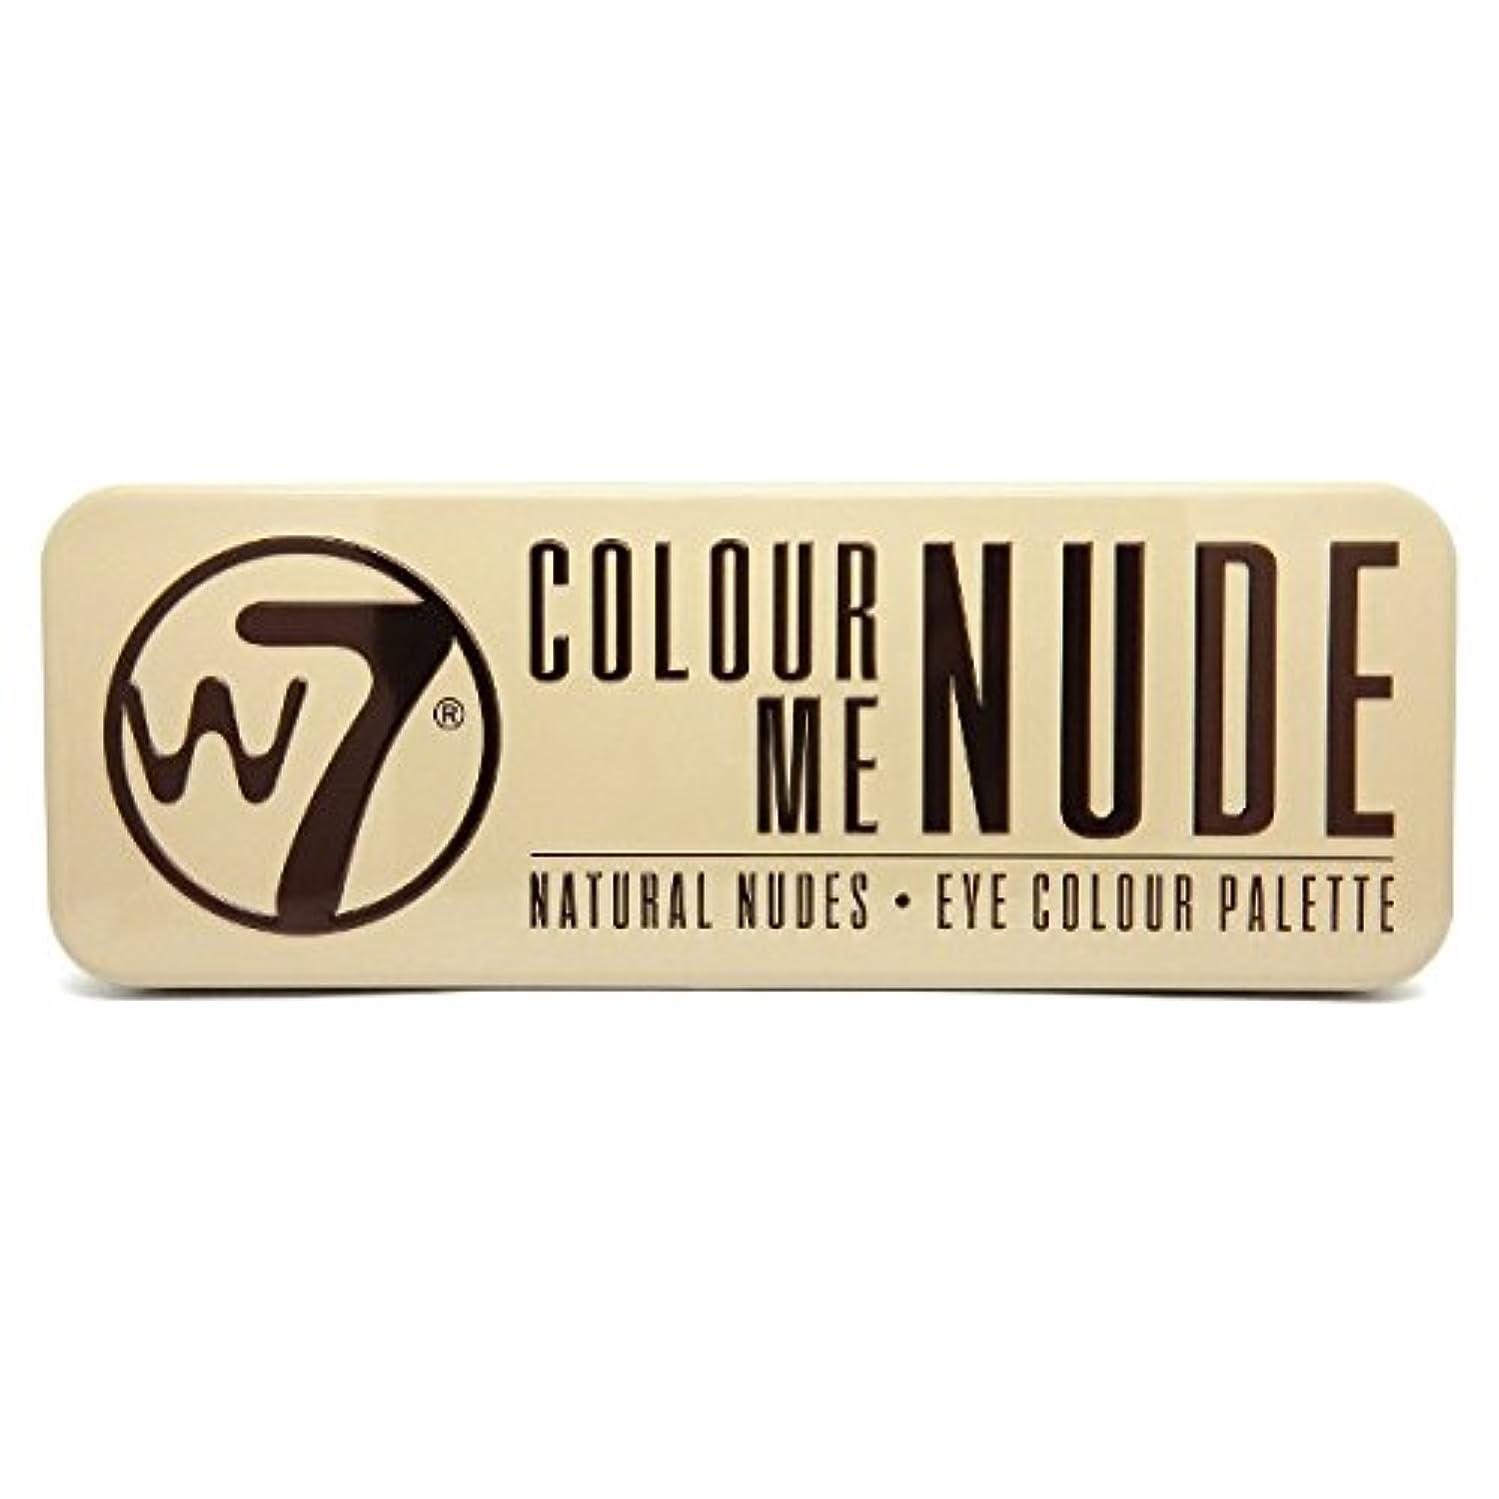 注文ボート矢印W7 Colour Me Nude Natural Nudes Eye Colour Palette (並行輸入品)